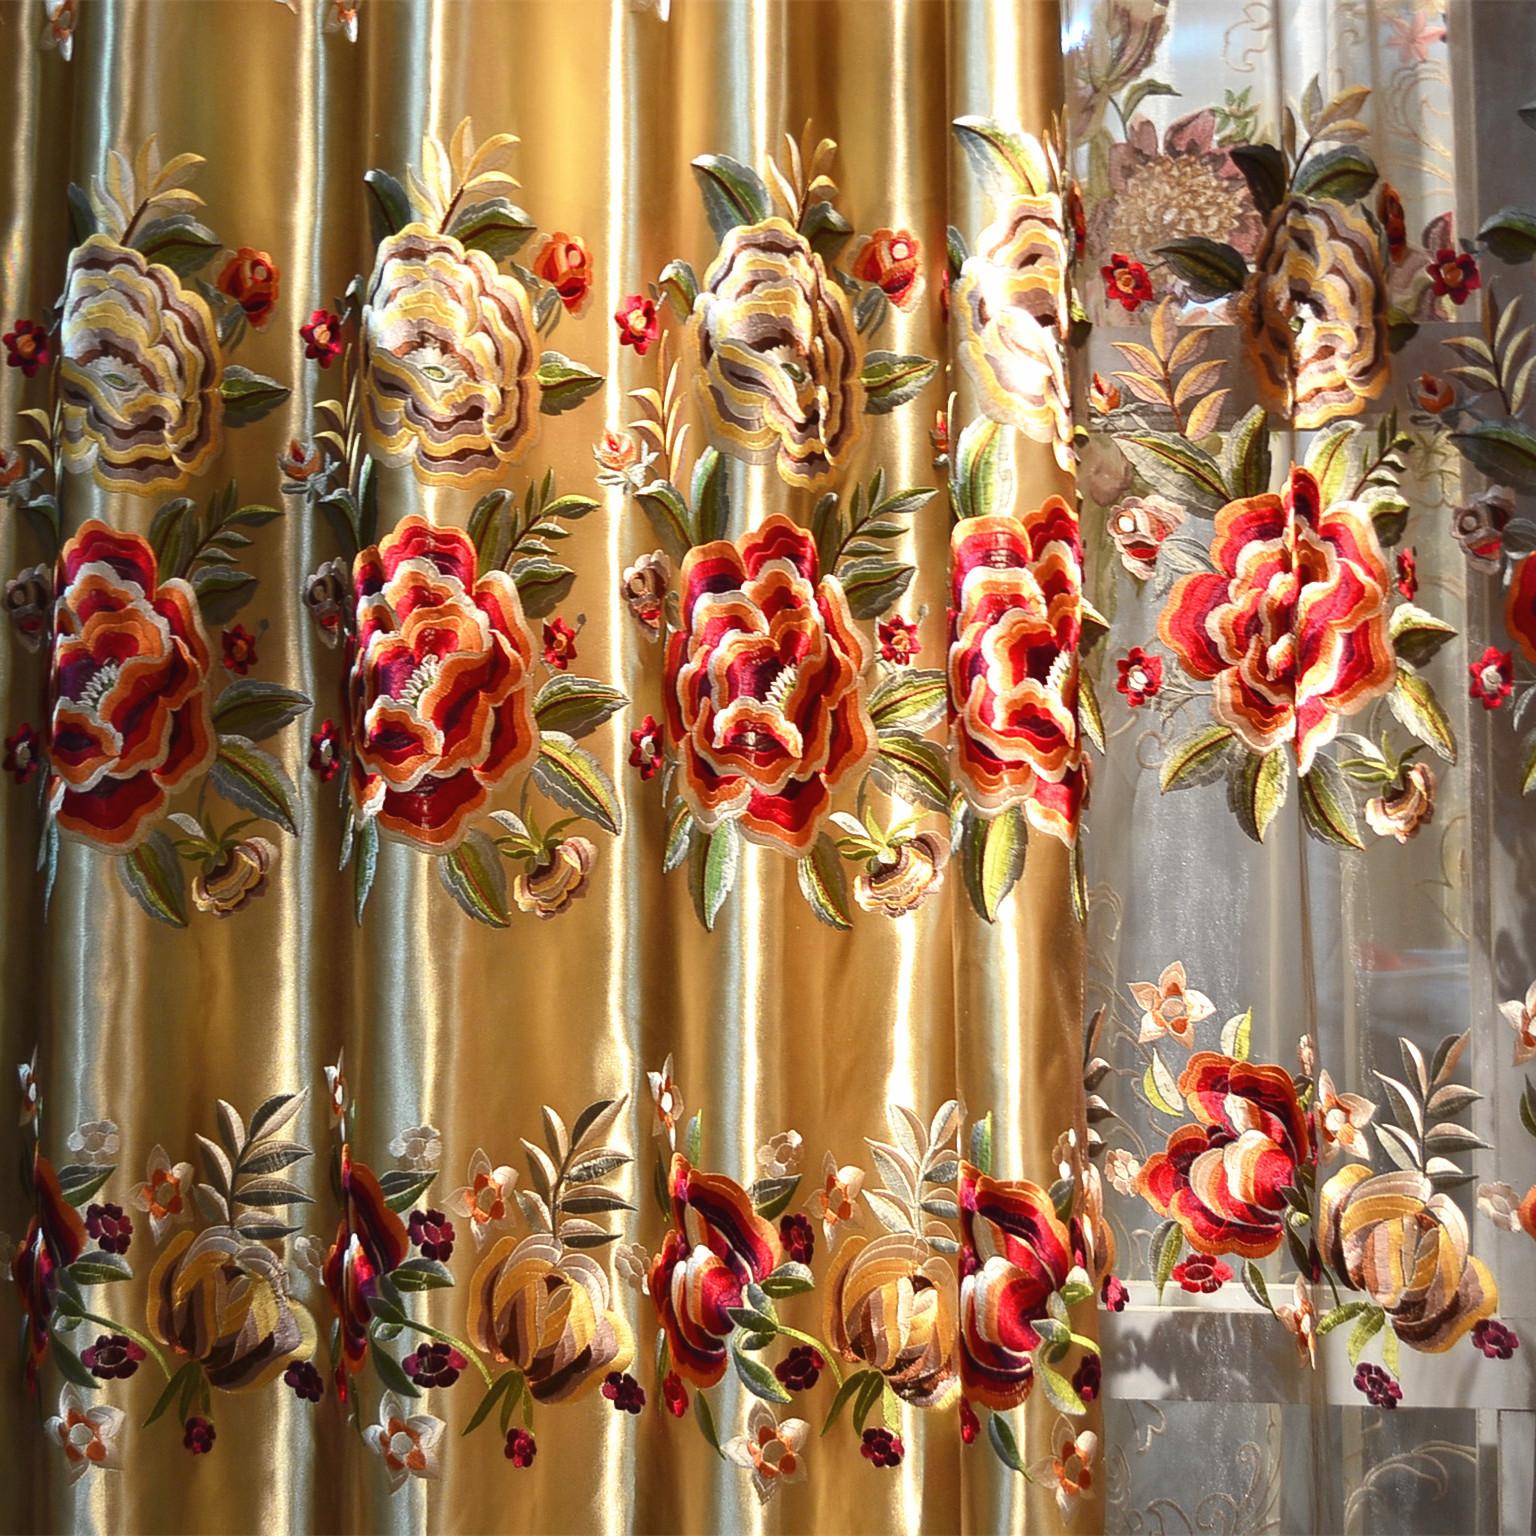 爱瑞绮布帘纱帘装饰半遮光平帷荡度混纺植物花卉几何图案喜庆普通打褶打孔帘欧式窗帘